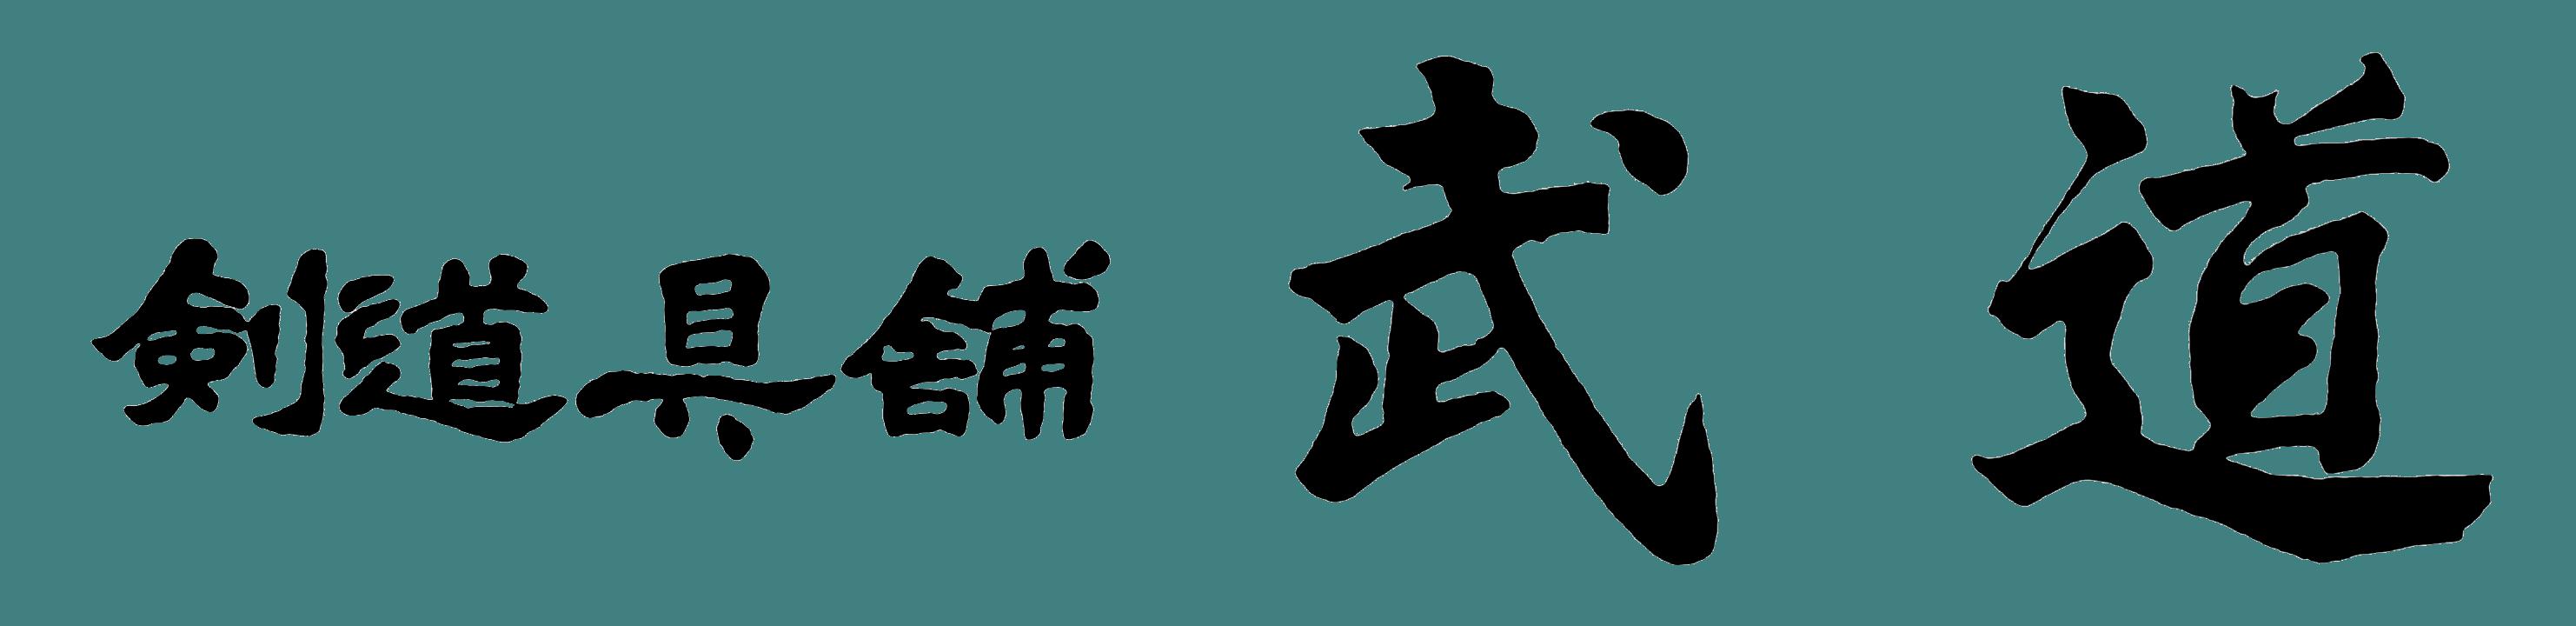 剣道具なら武道市原・木更津・船橋